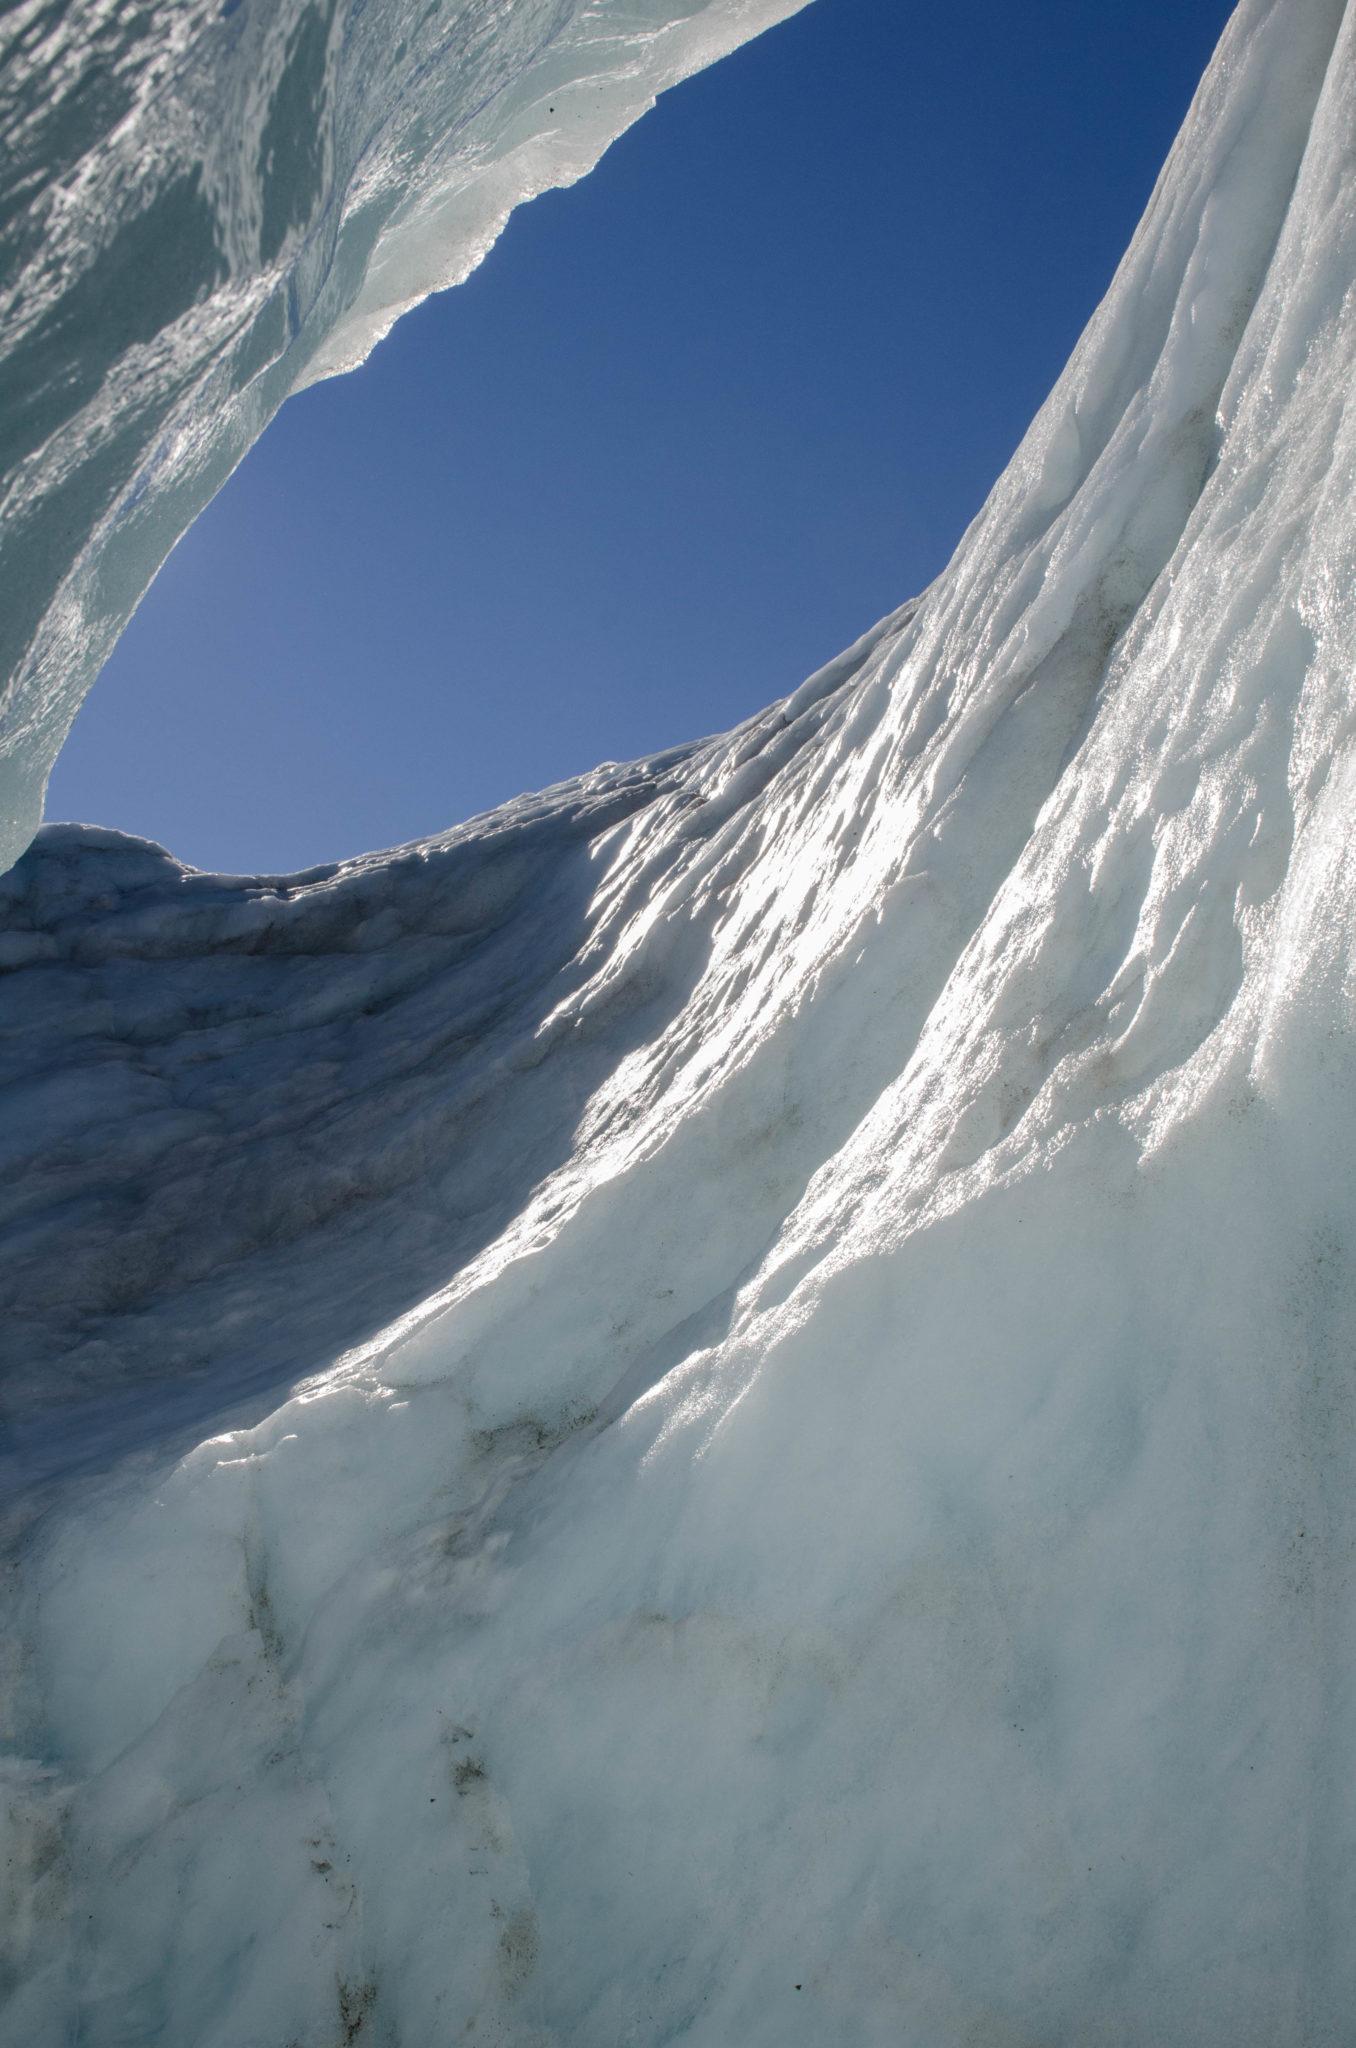 Mount Cook Neuseeland Gletscherwanderung: Wir kommen dem Gletscher näher